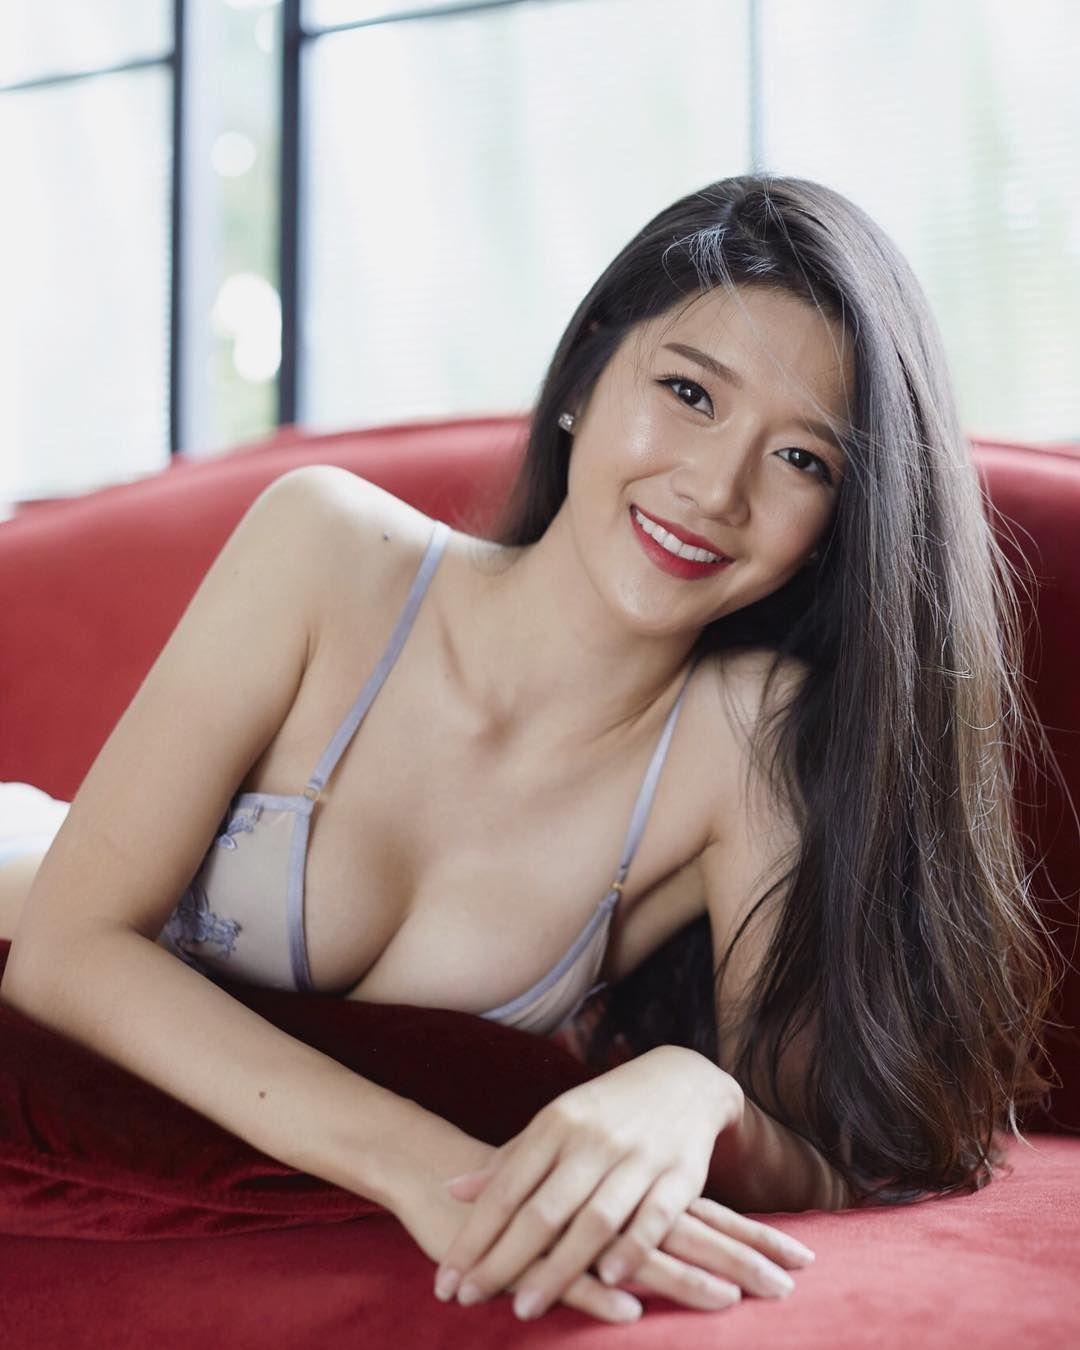 String bikini tits porn